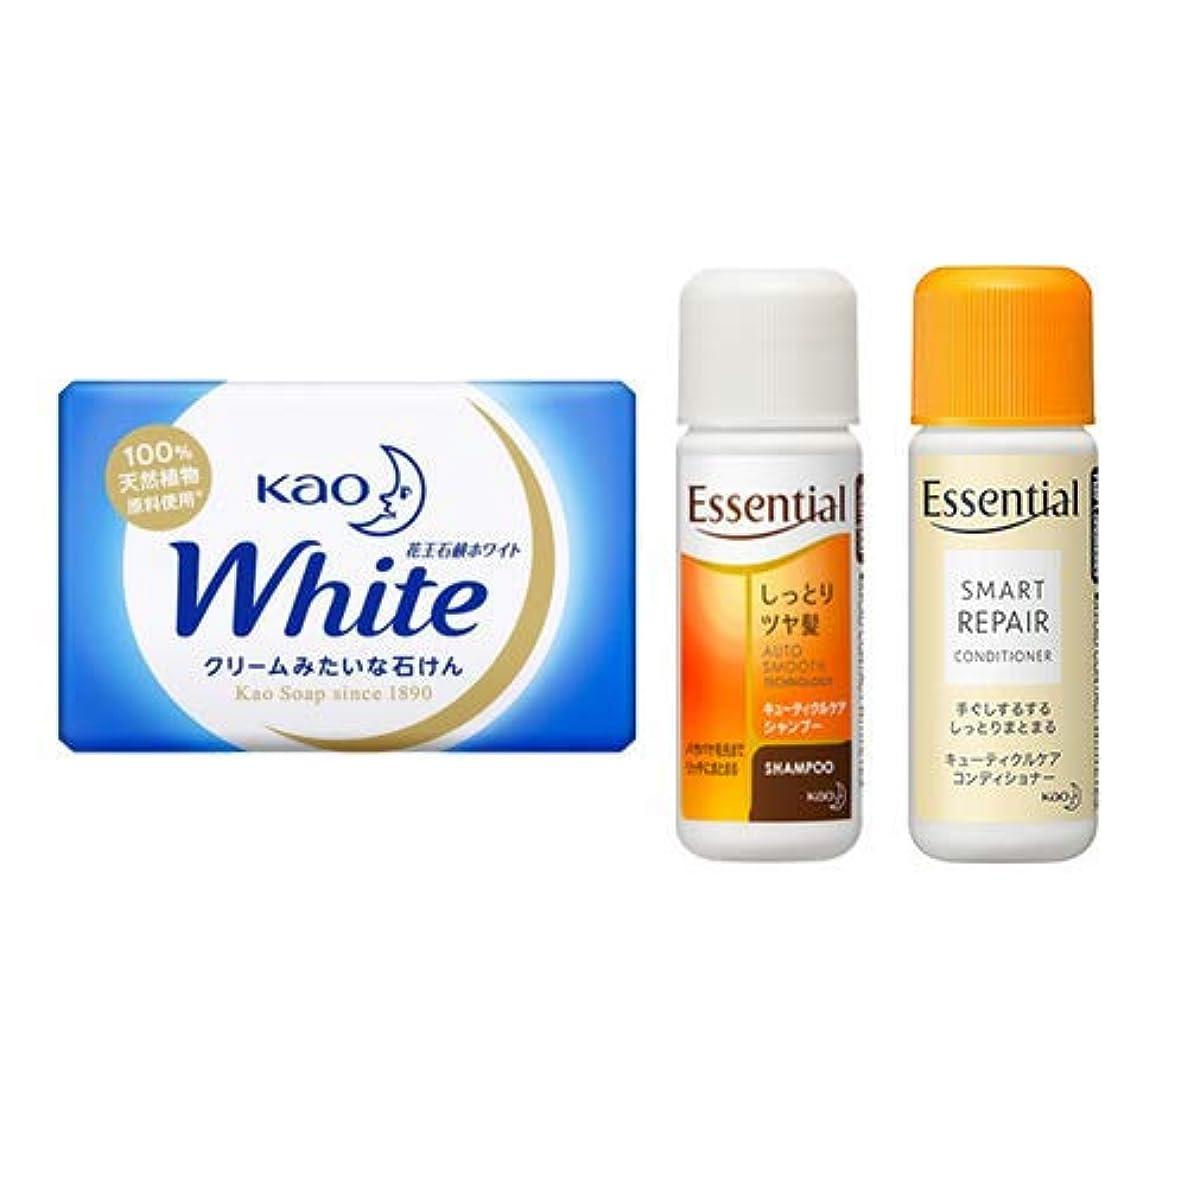 国民投票本物の十代花王(KAO) 石鹸ホワイト(Kao Soap White) 15g + エッセンシャルシャンプー 16ml + コンディショナー 16ml セット